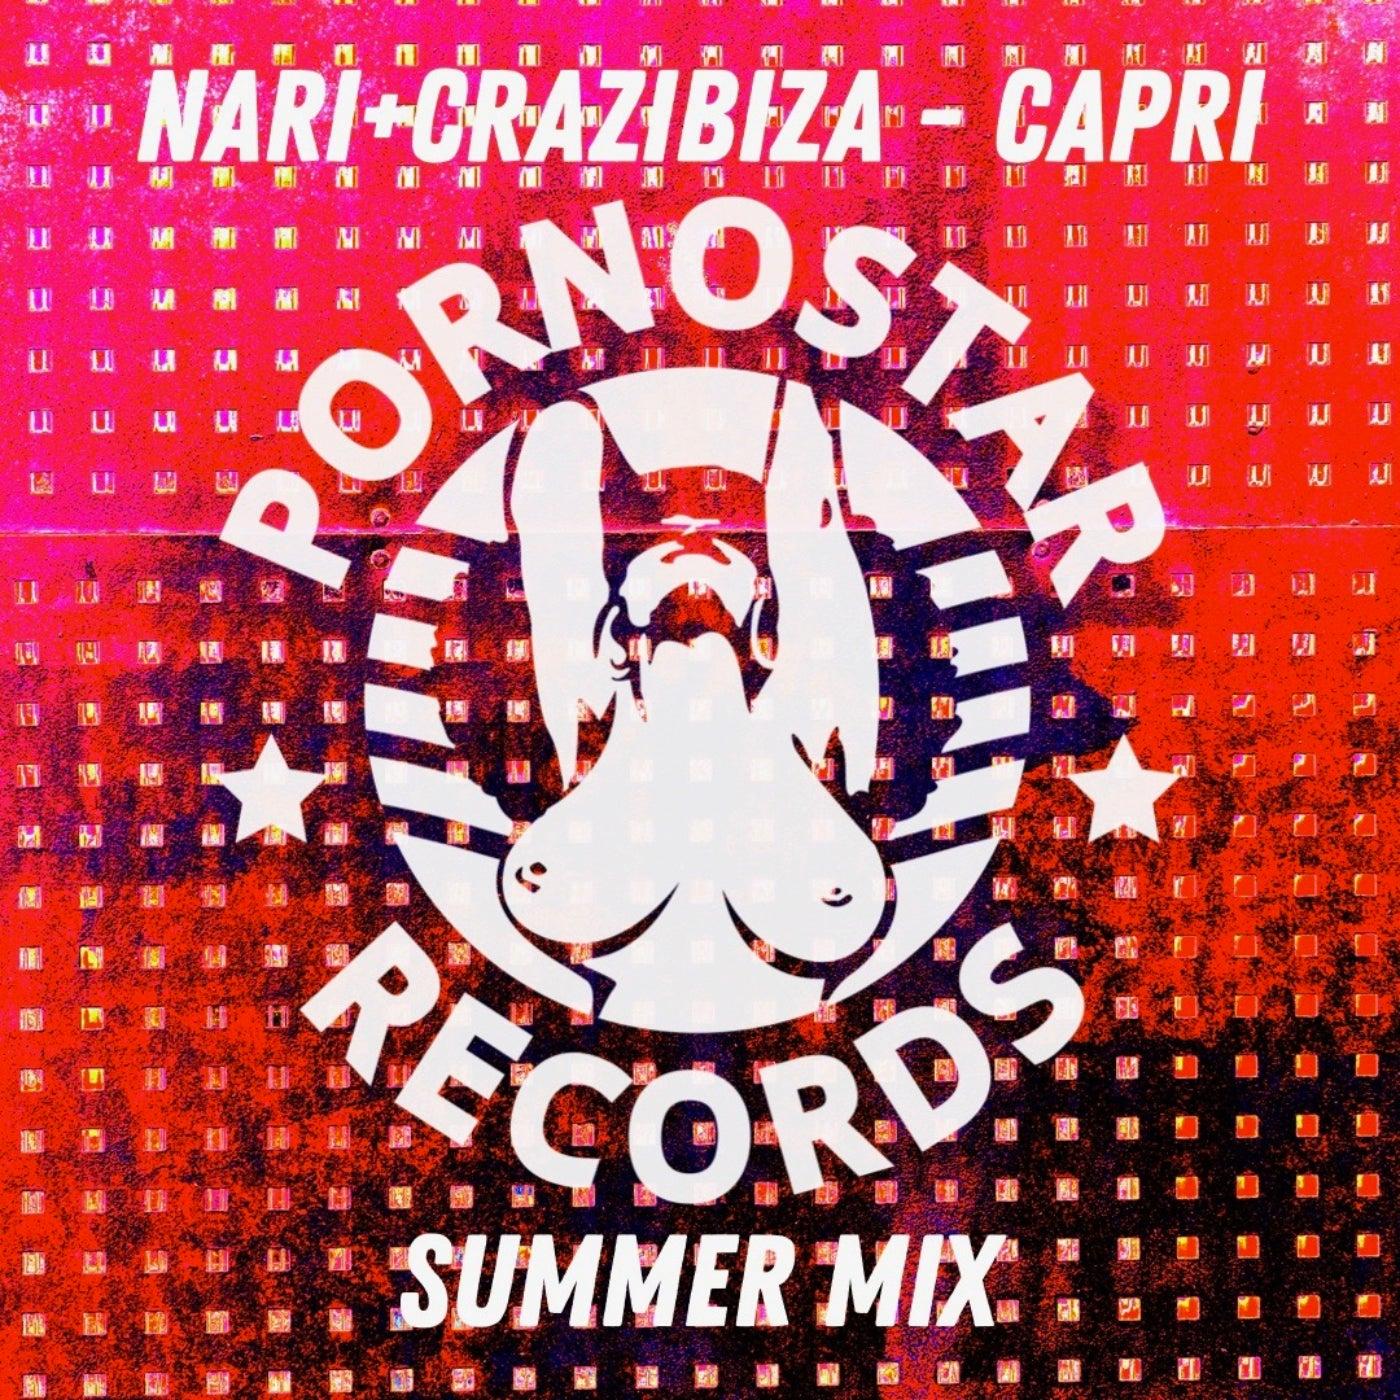 Capri (Summer Mix)